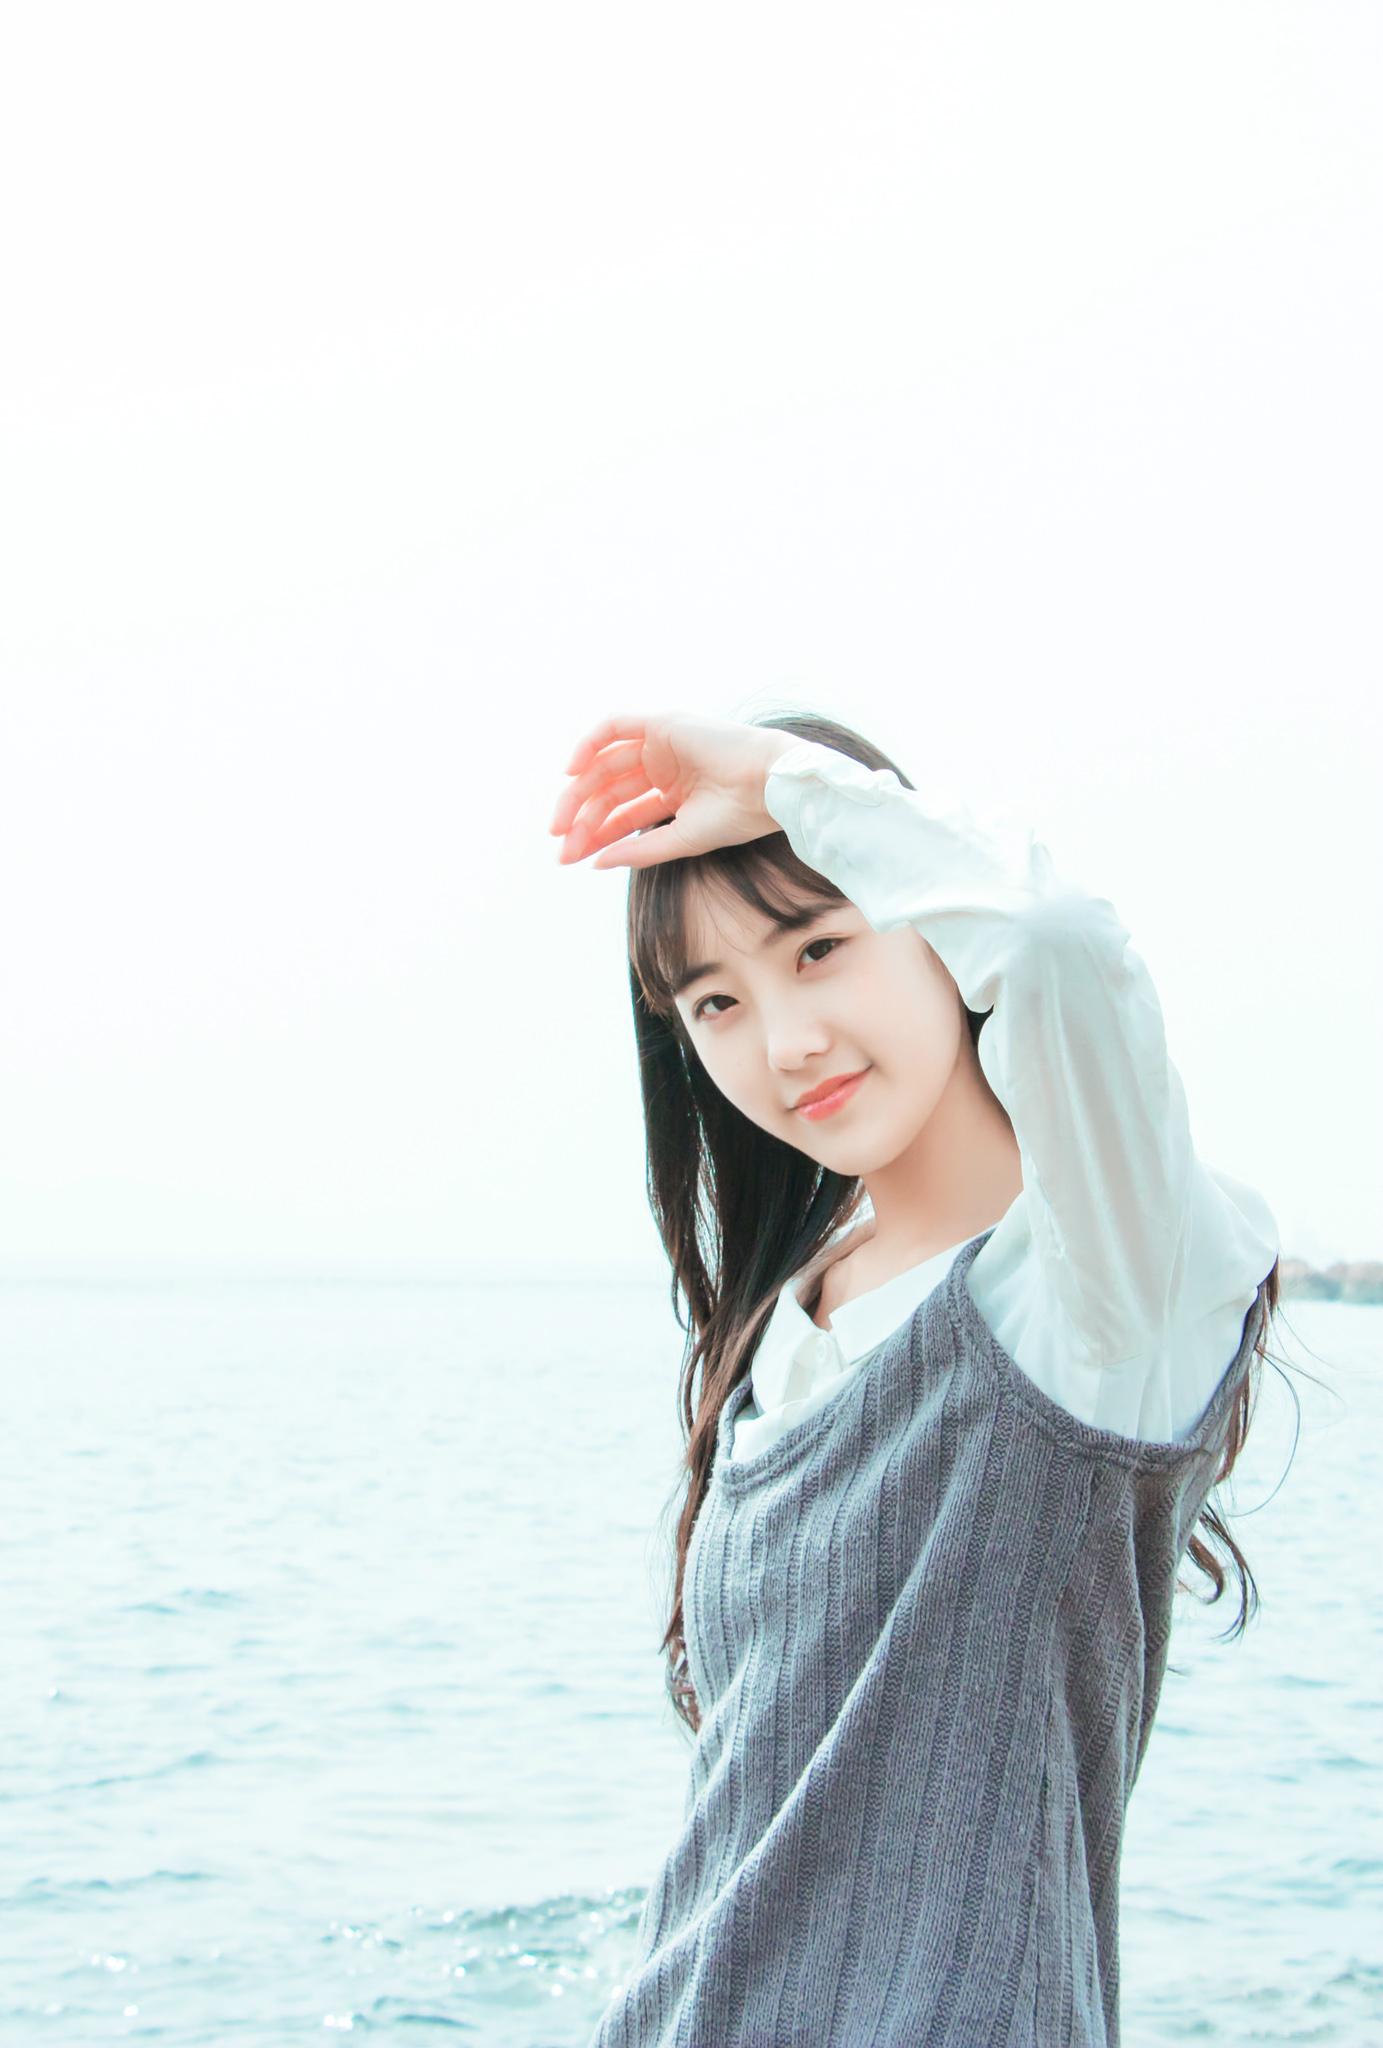 av伦理情色电影_春风起航[49P] / 直播妹妹博客